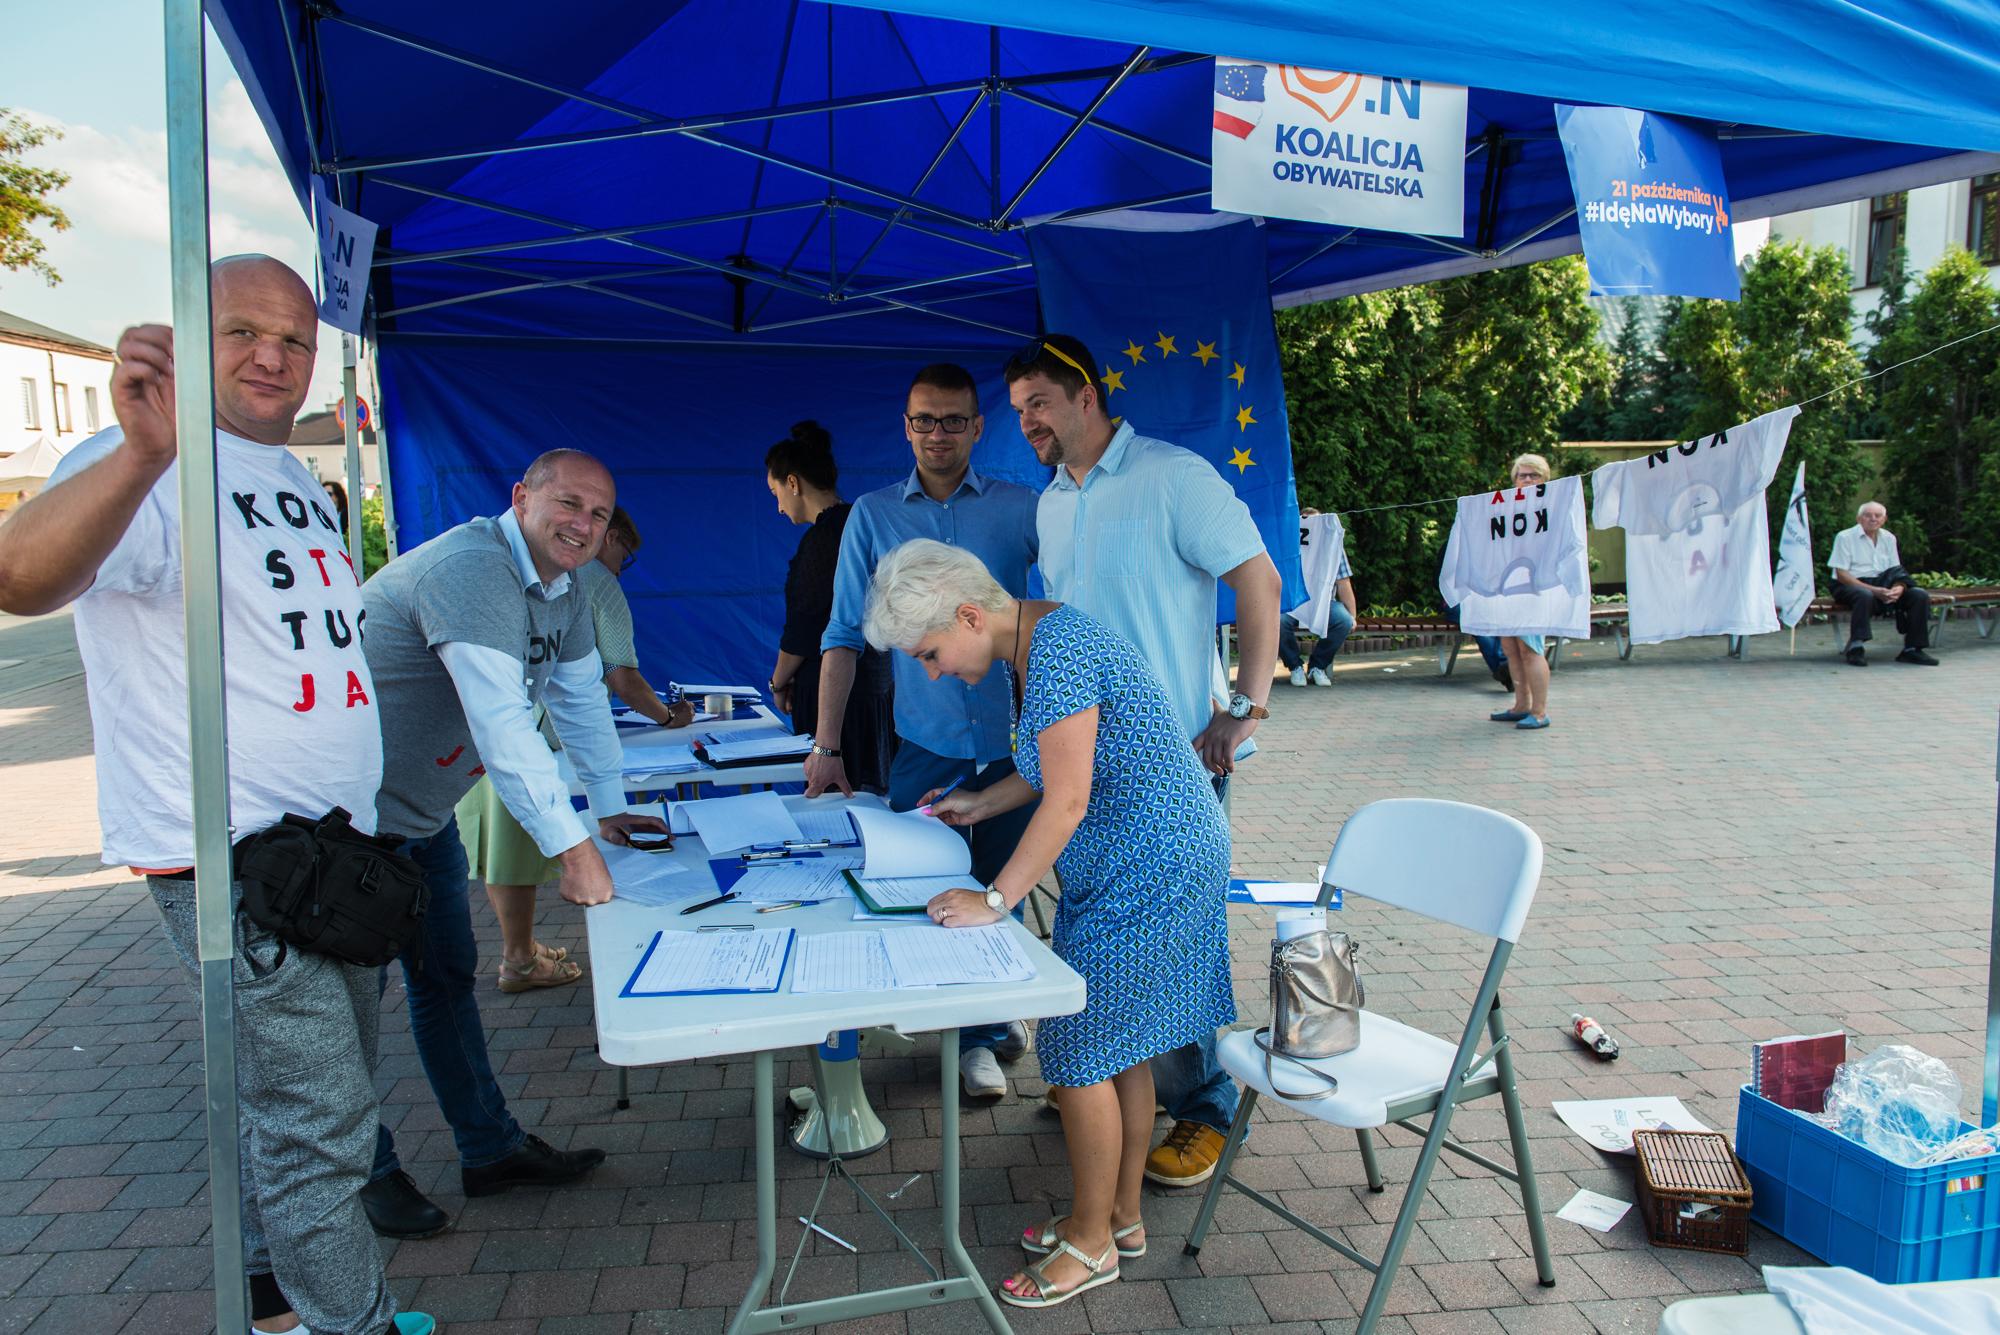 Zbieranie podpisów na listy wyborcze - wybory samorządowe 2018